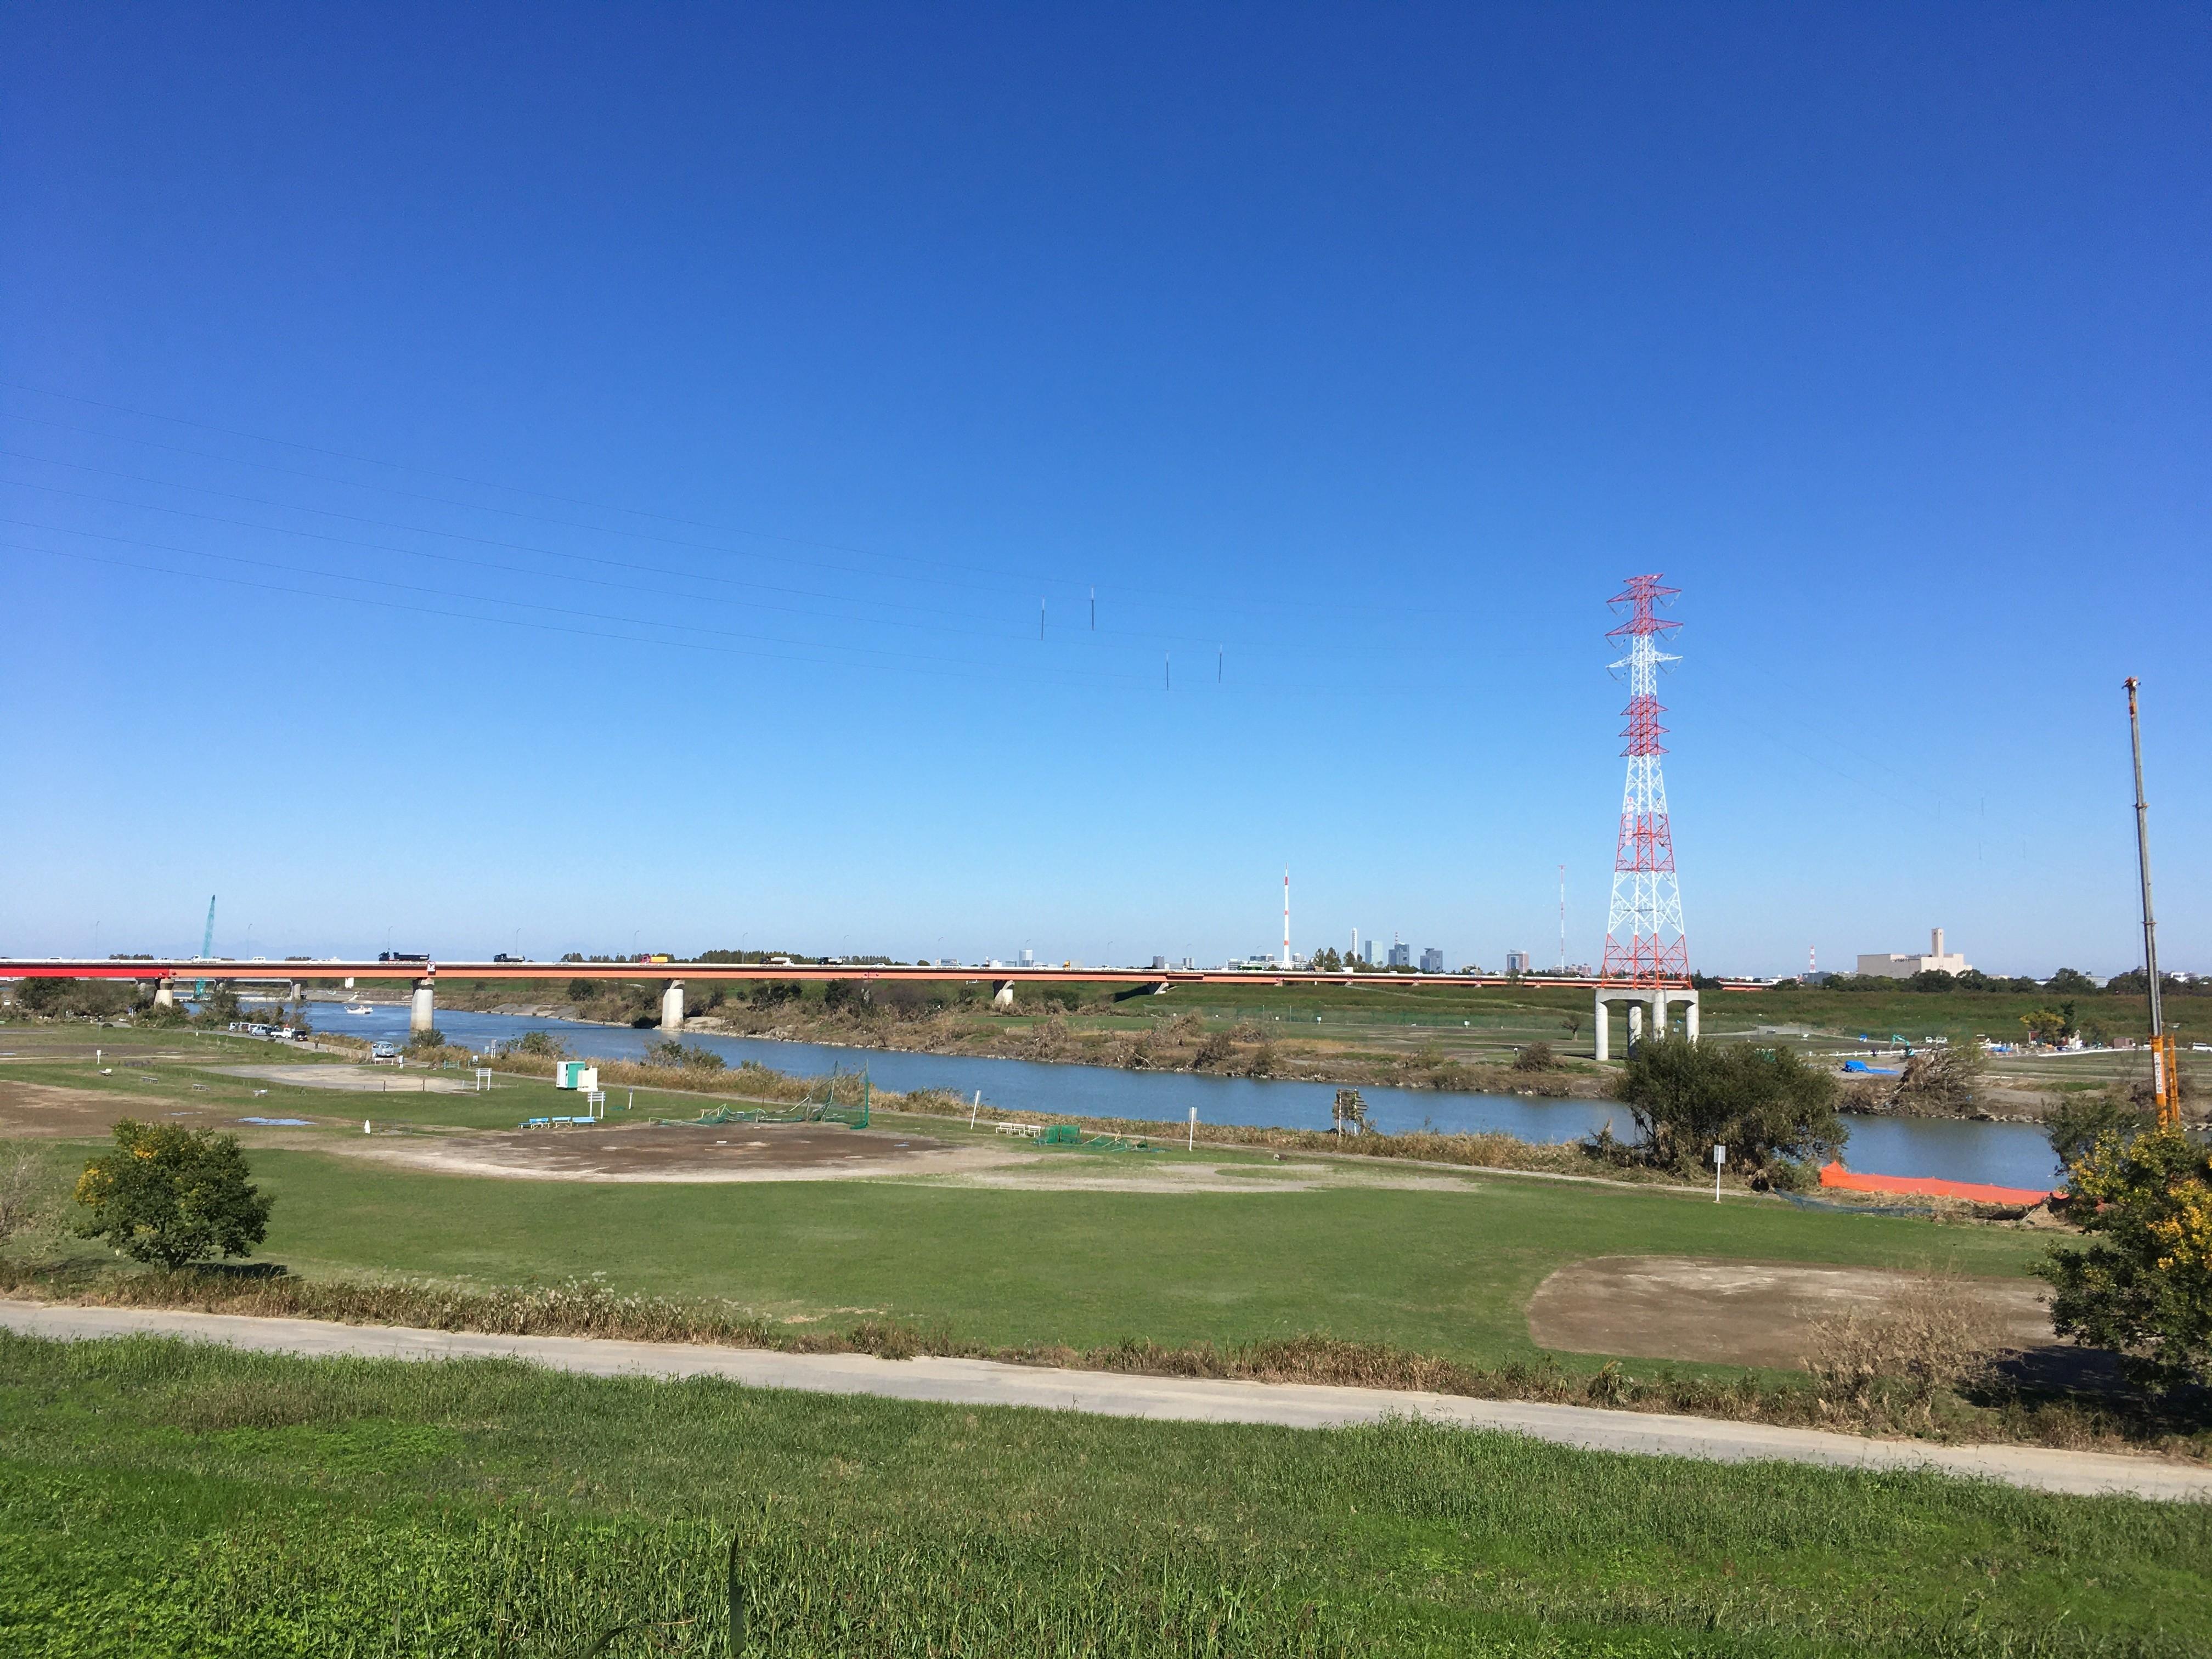 荒川右岸(堤防遊歩道)から羽根倉橋(浦和所沢バイパス)